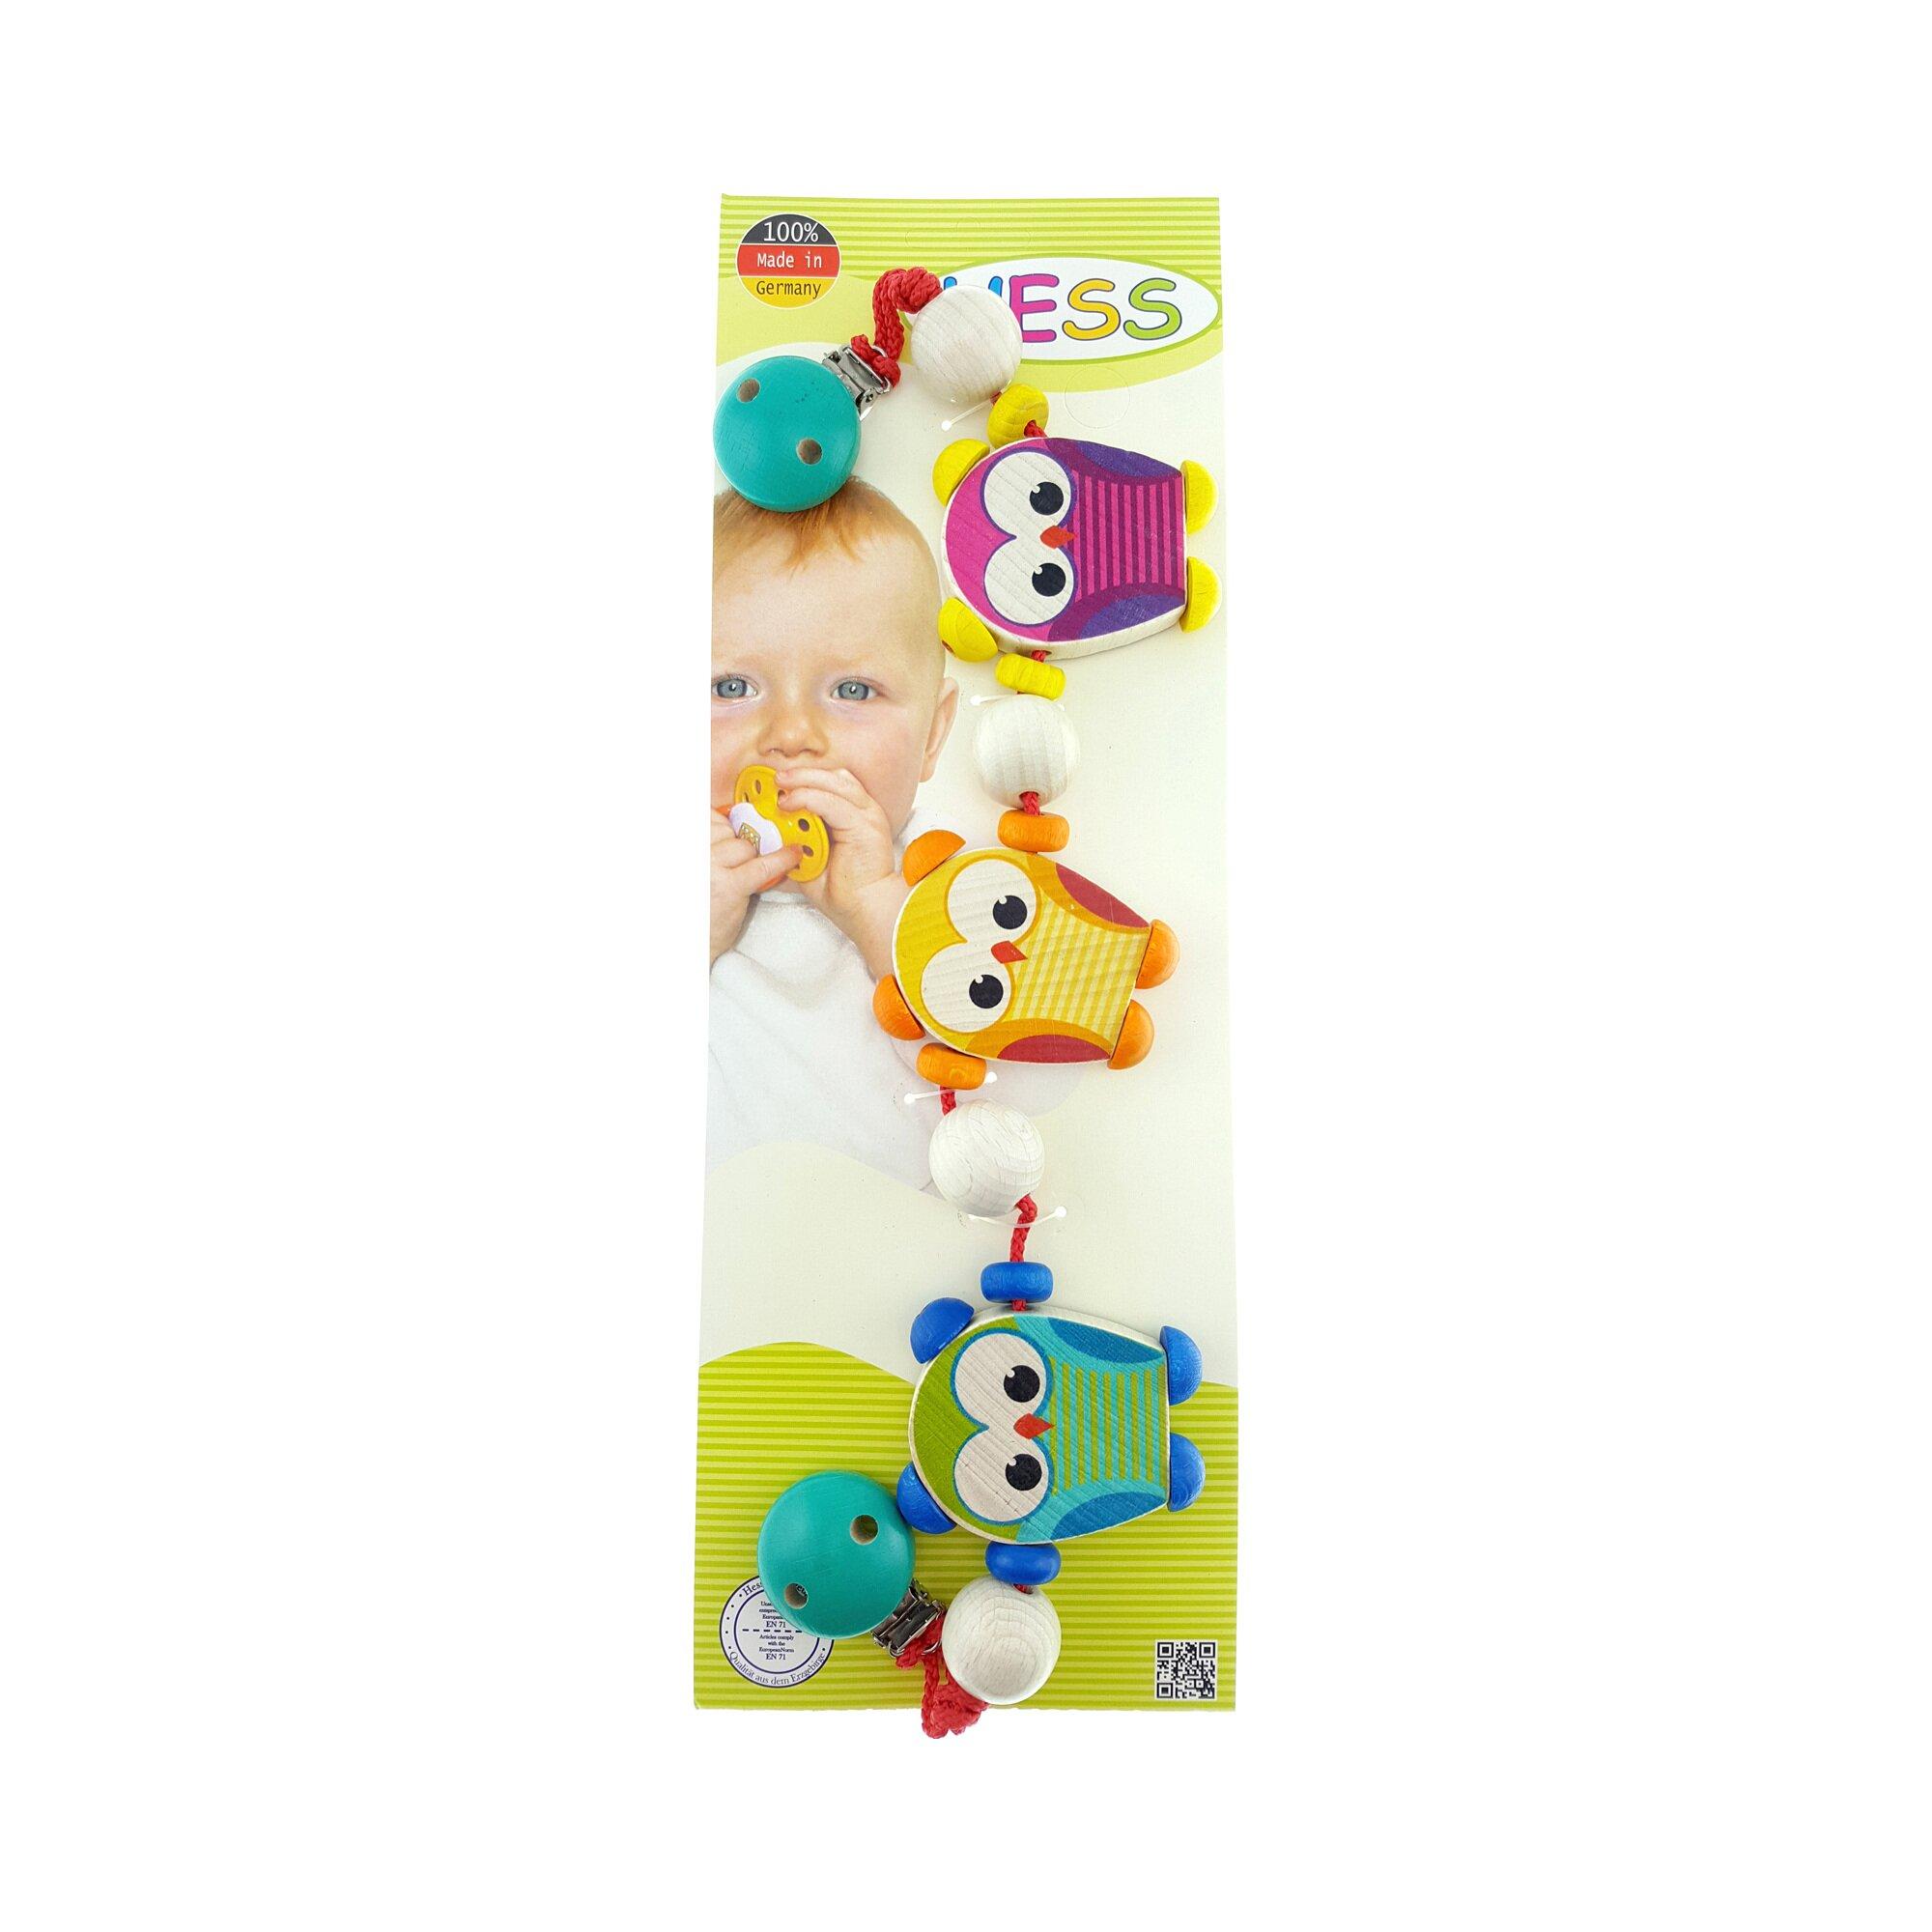 hess-spielzeug-kinderwagenkette-aus-holz-eulen-mehrfarbig